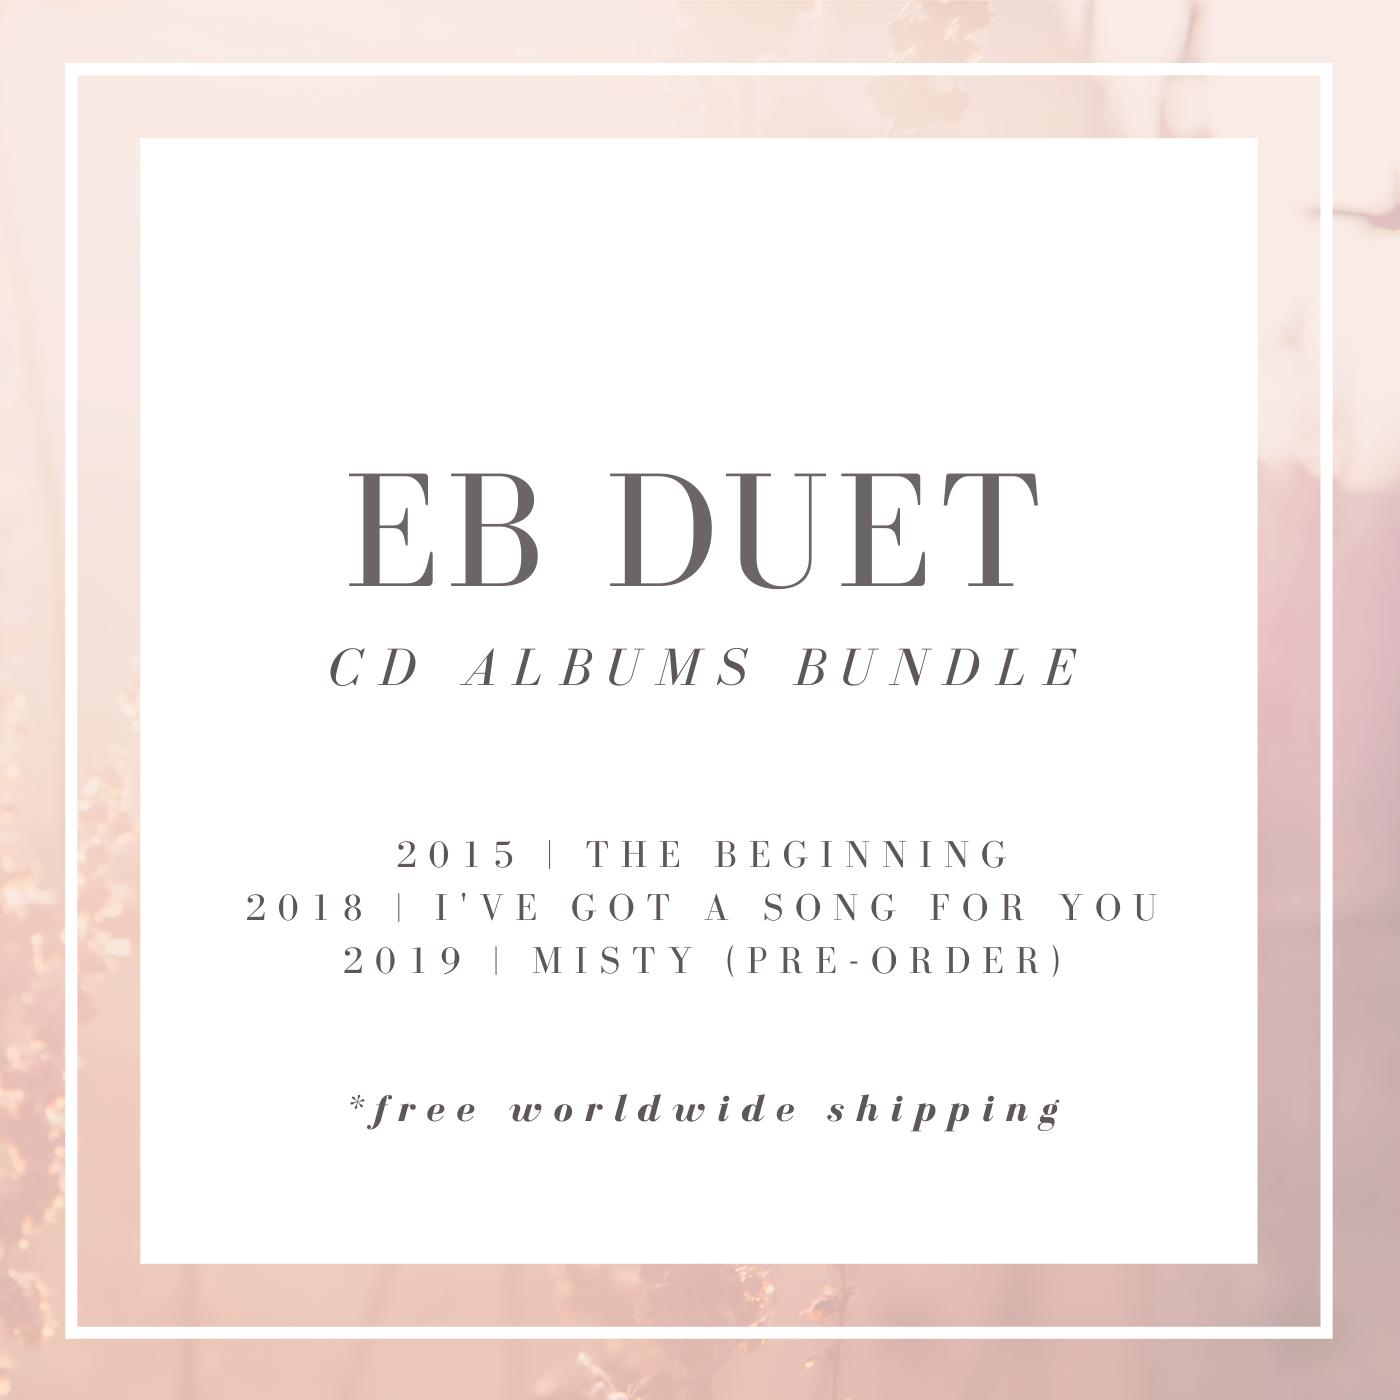 EB duet CD Albums Bundle